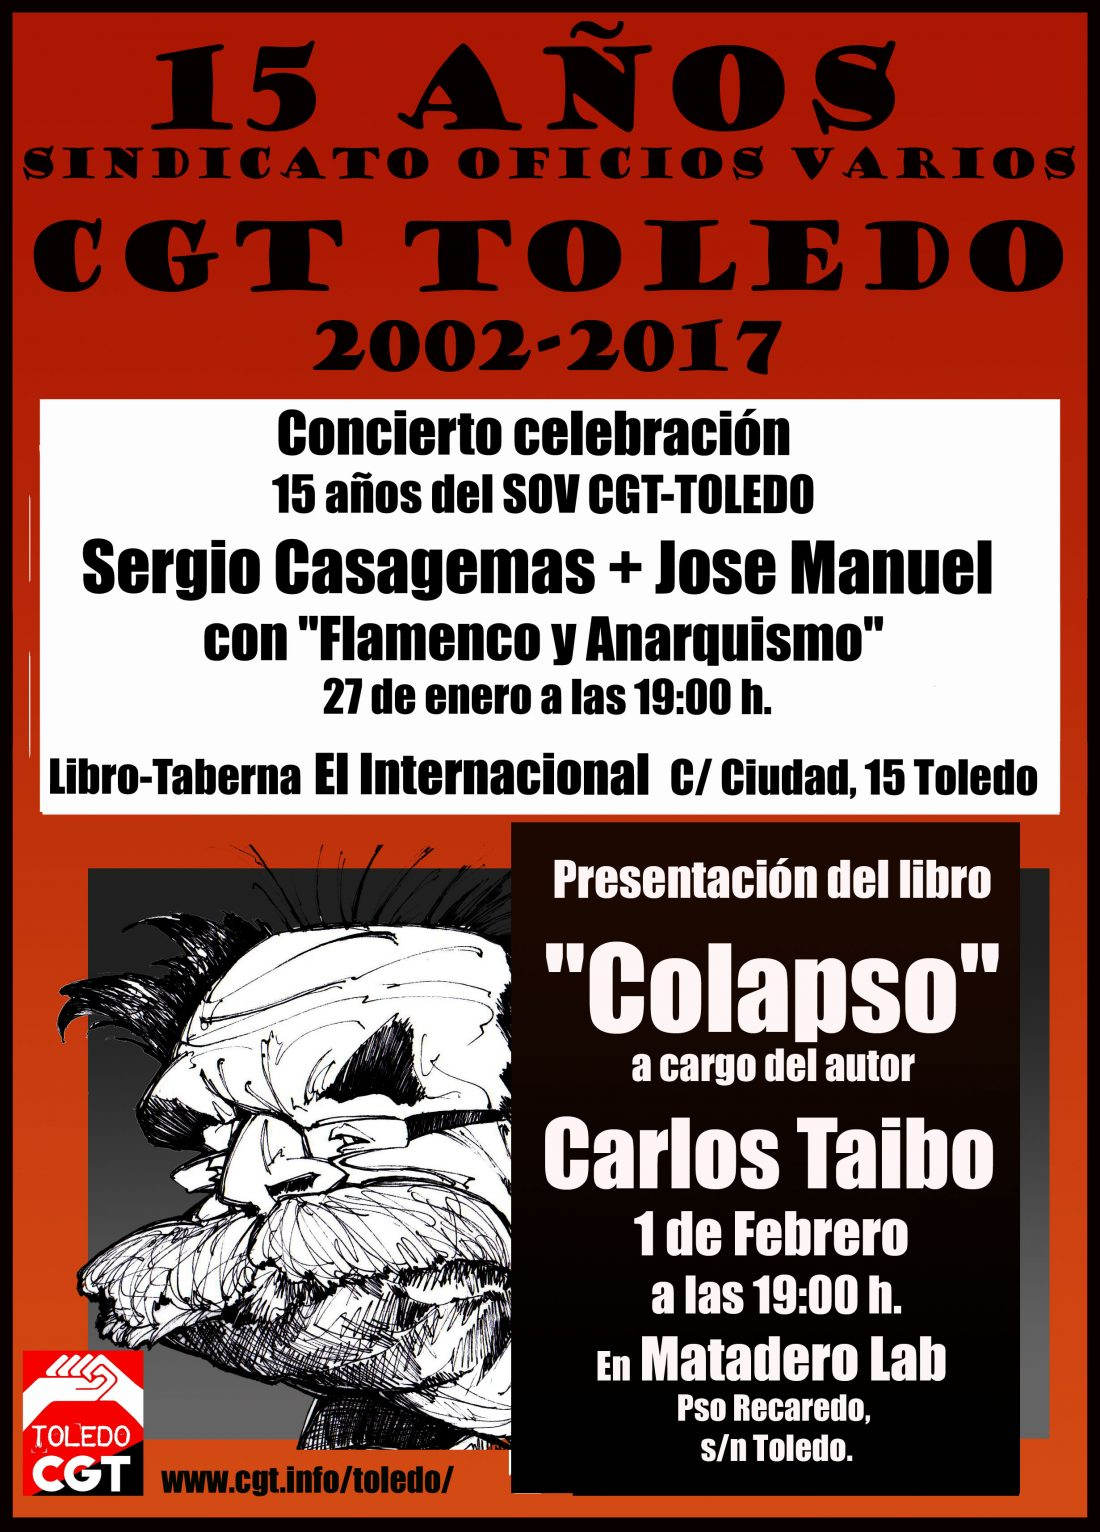 CGT Toledo celebra sus 15 años con música y Carlos Taibo